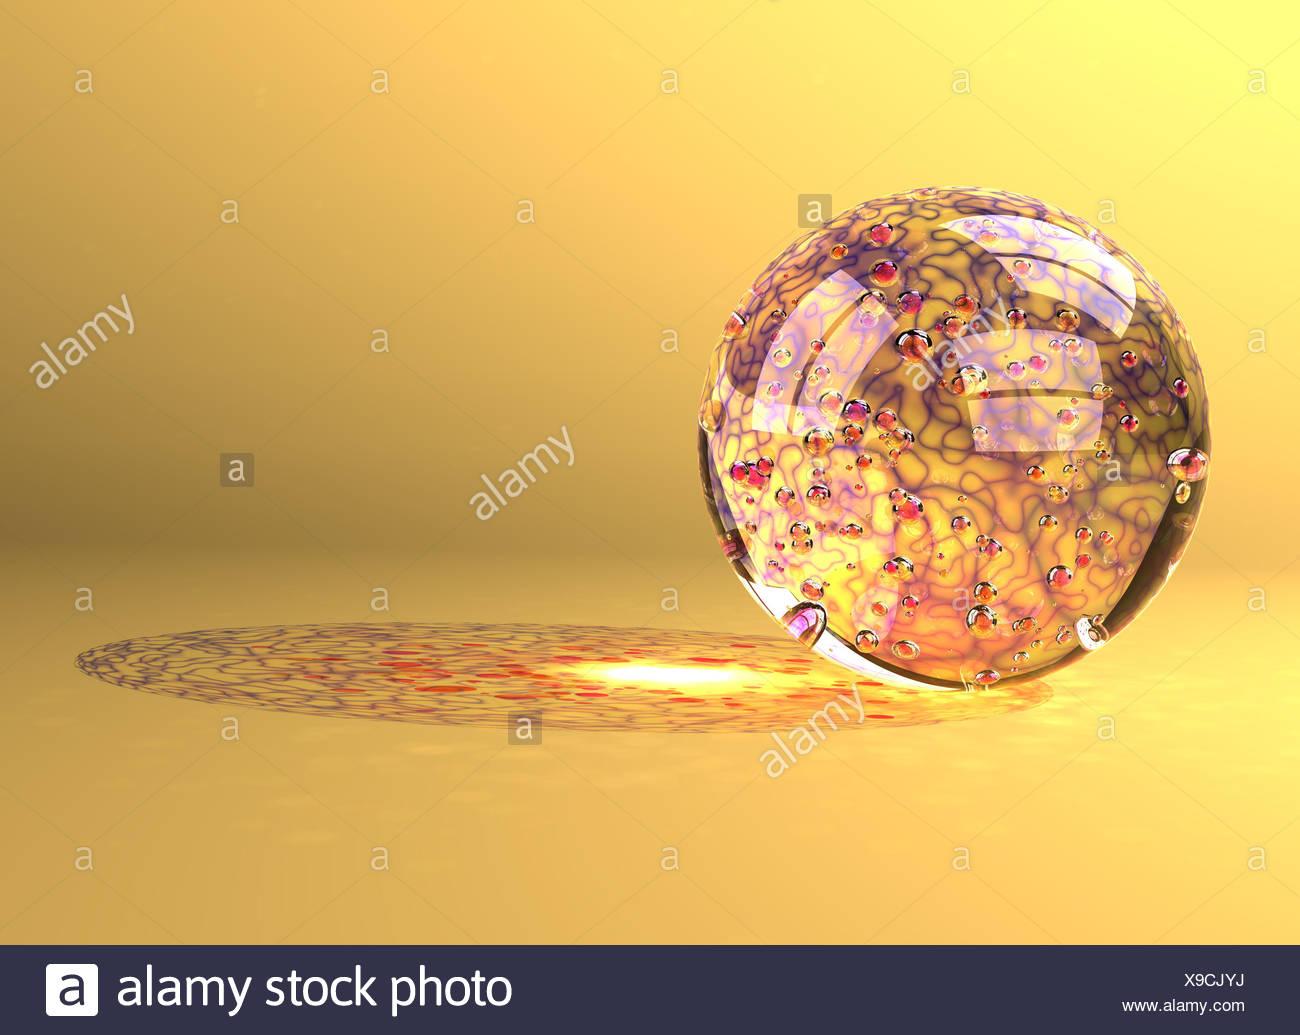 Los colores similares de mármol reflexión murmel glasmurmel bunt lichtreflexe Imagen De Stock